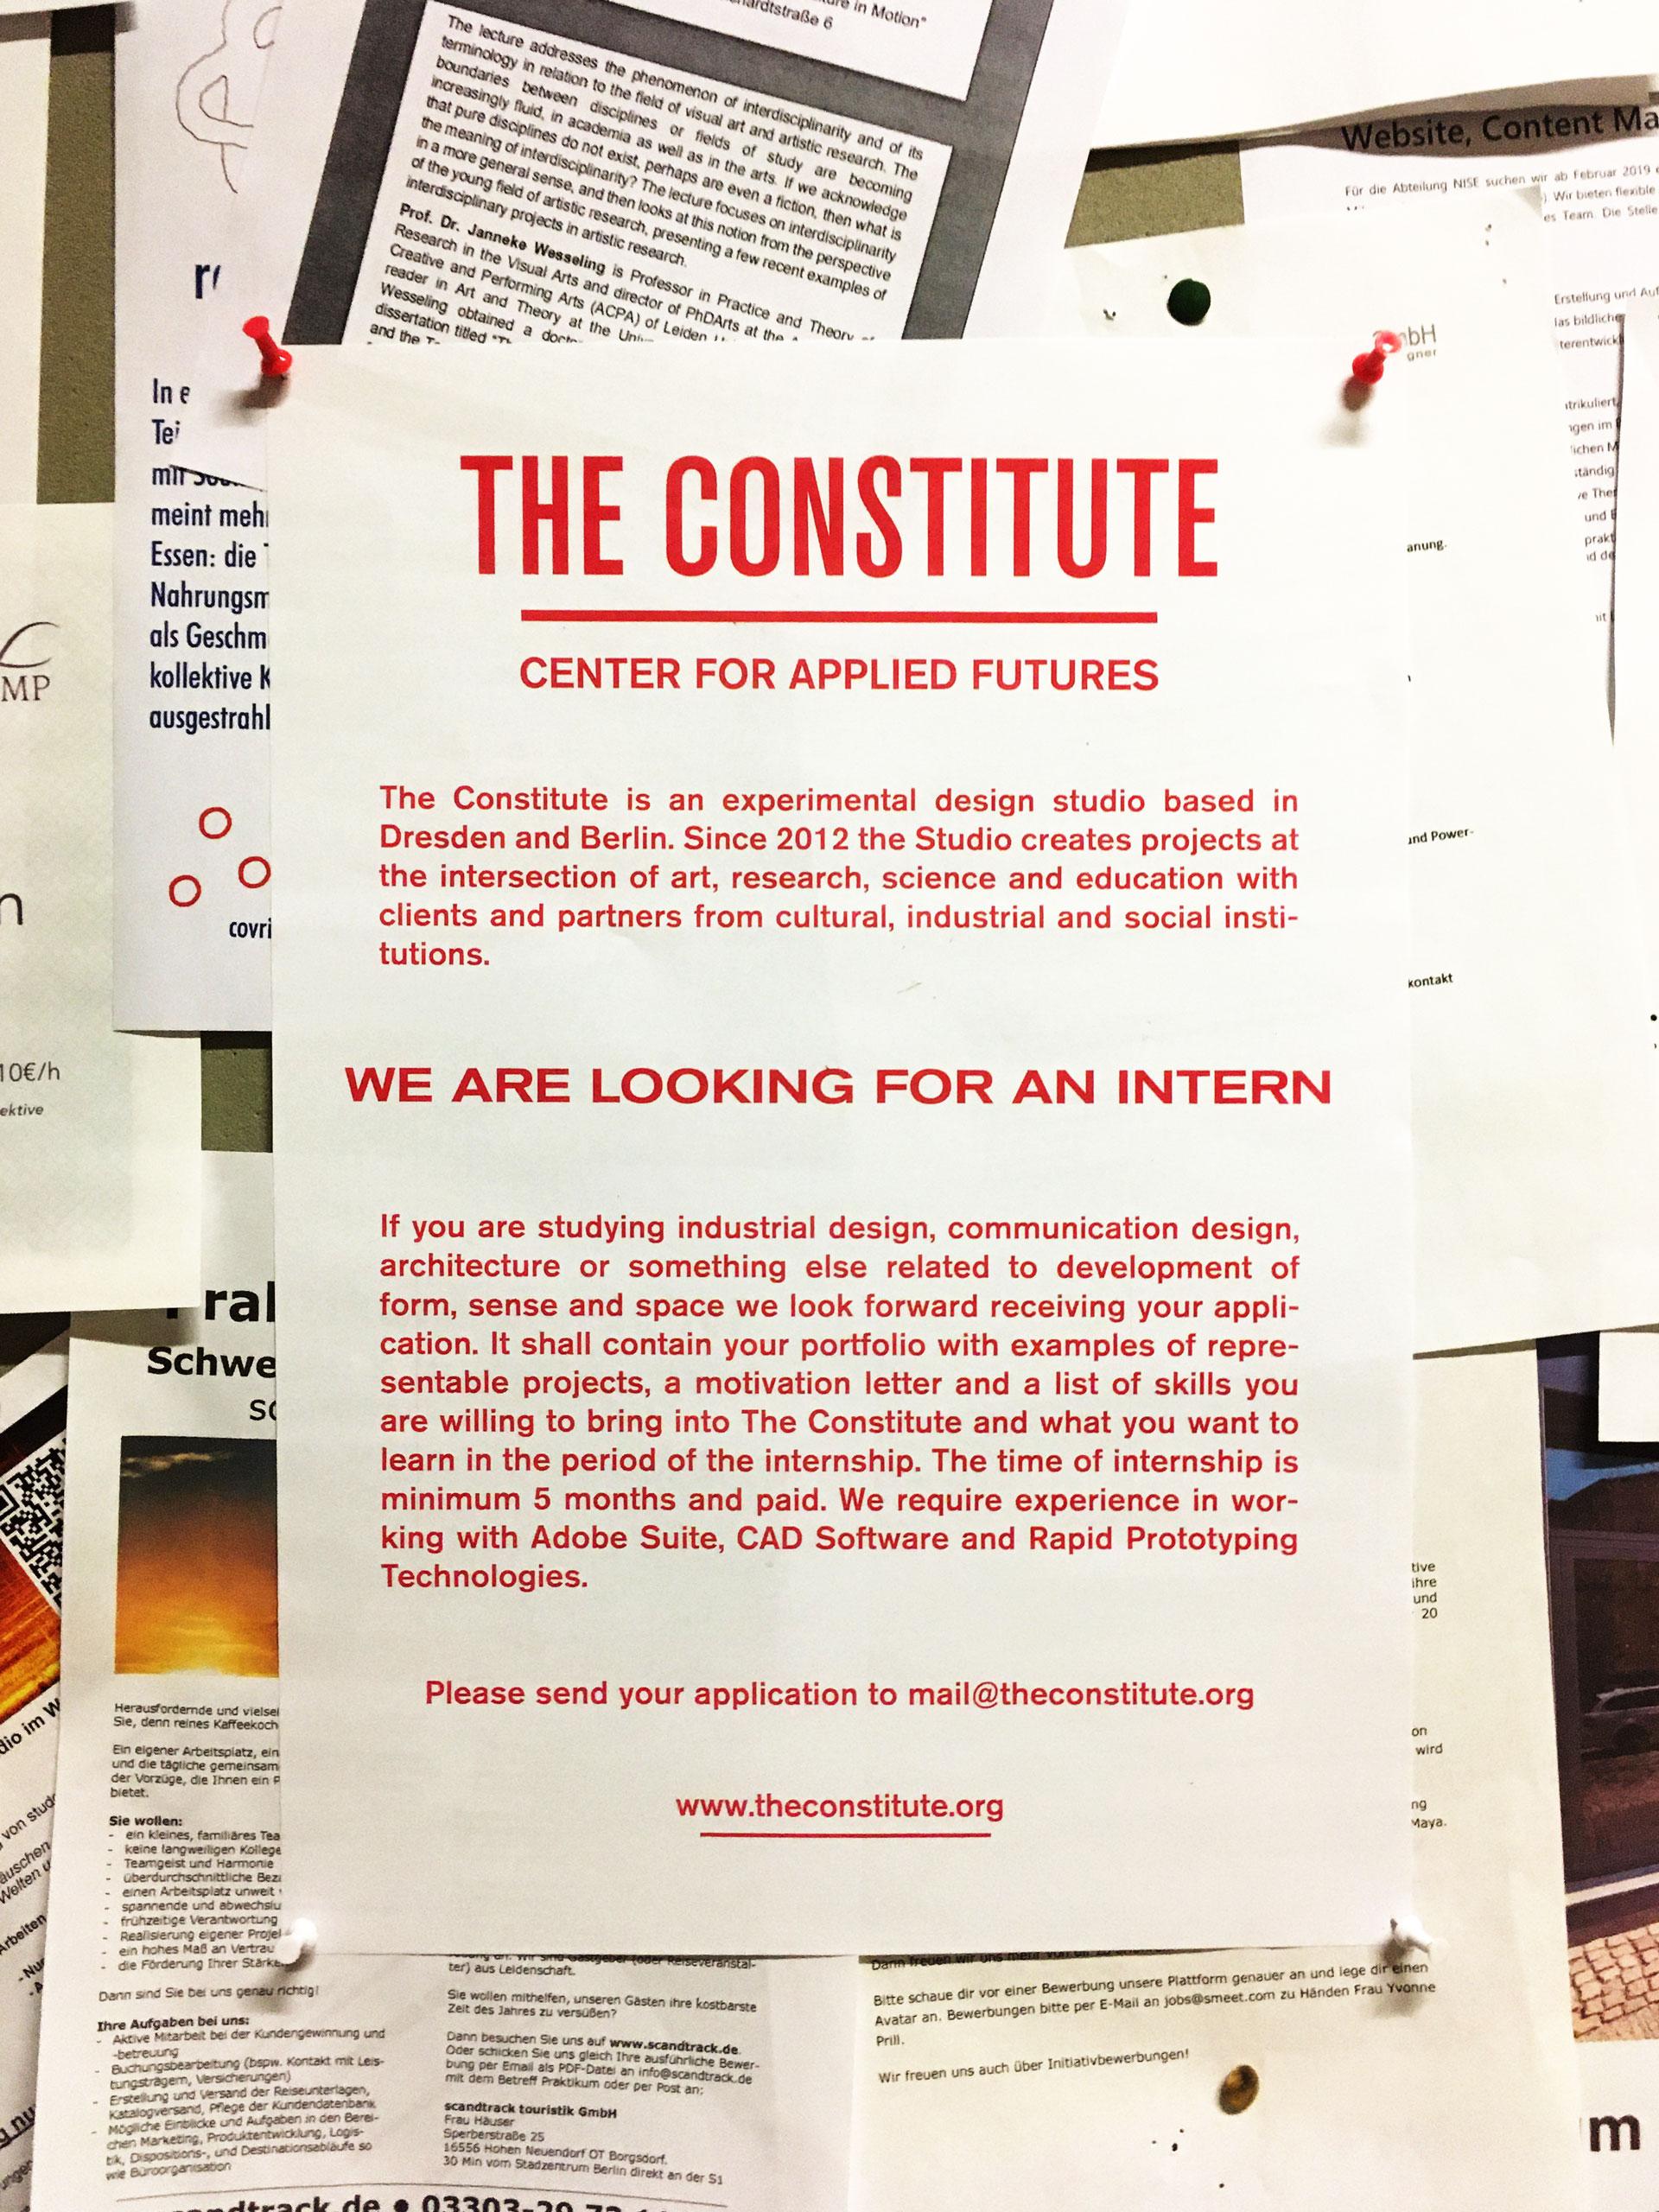 intern_constitute_low